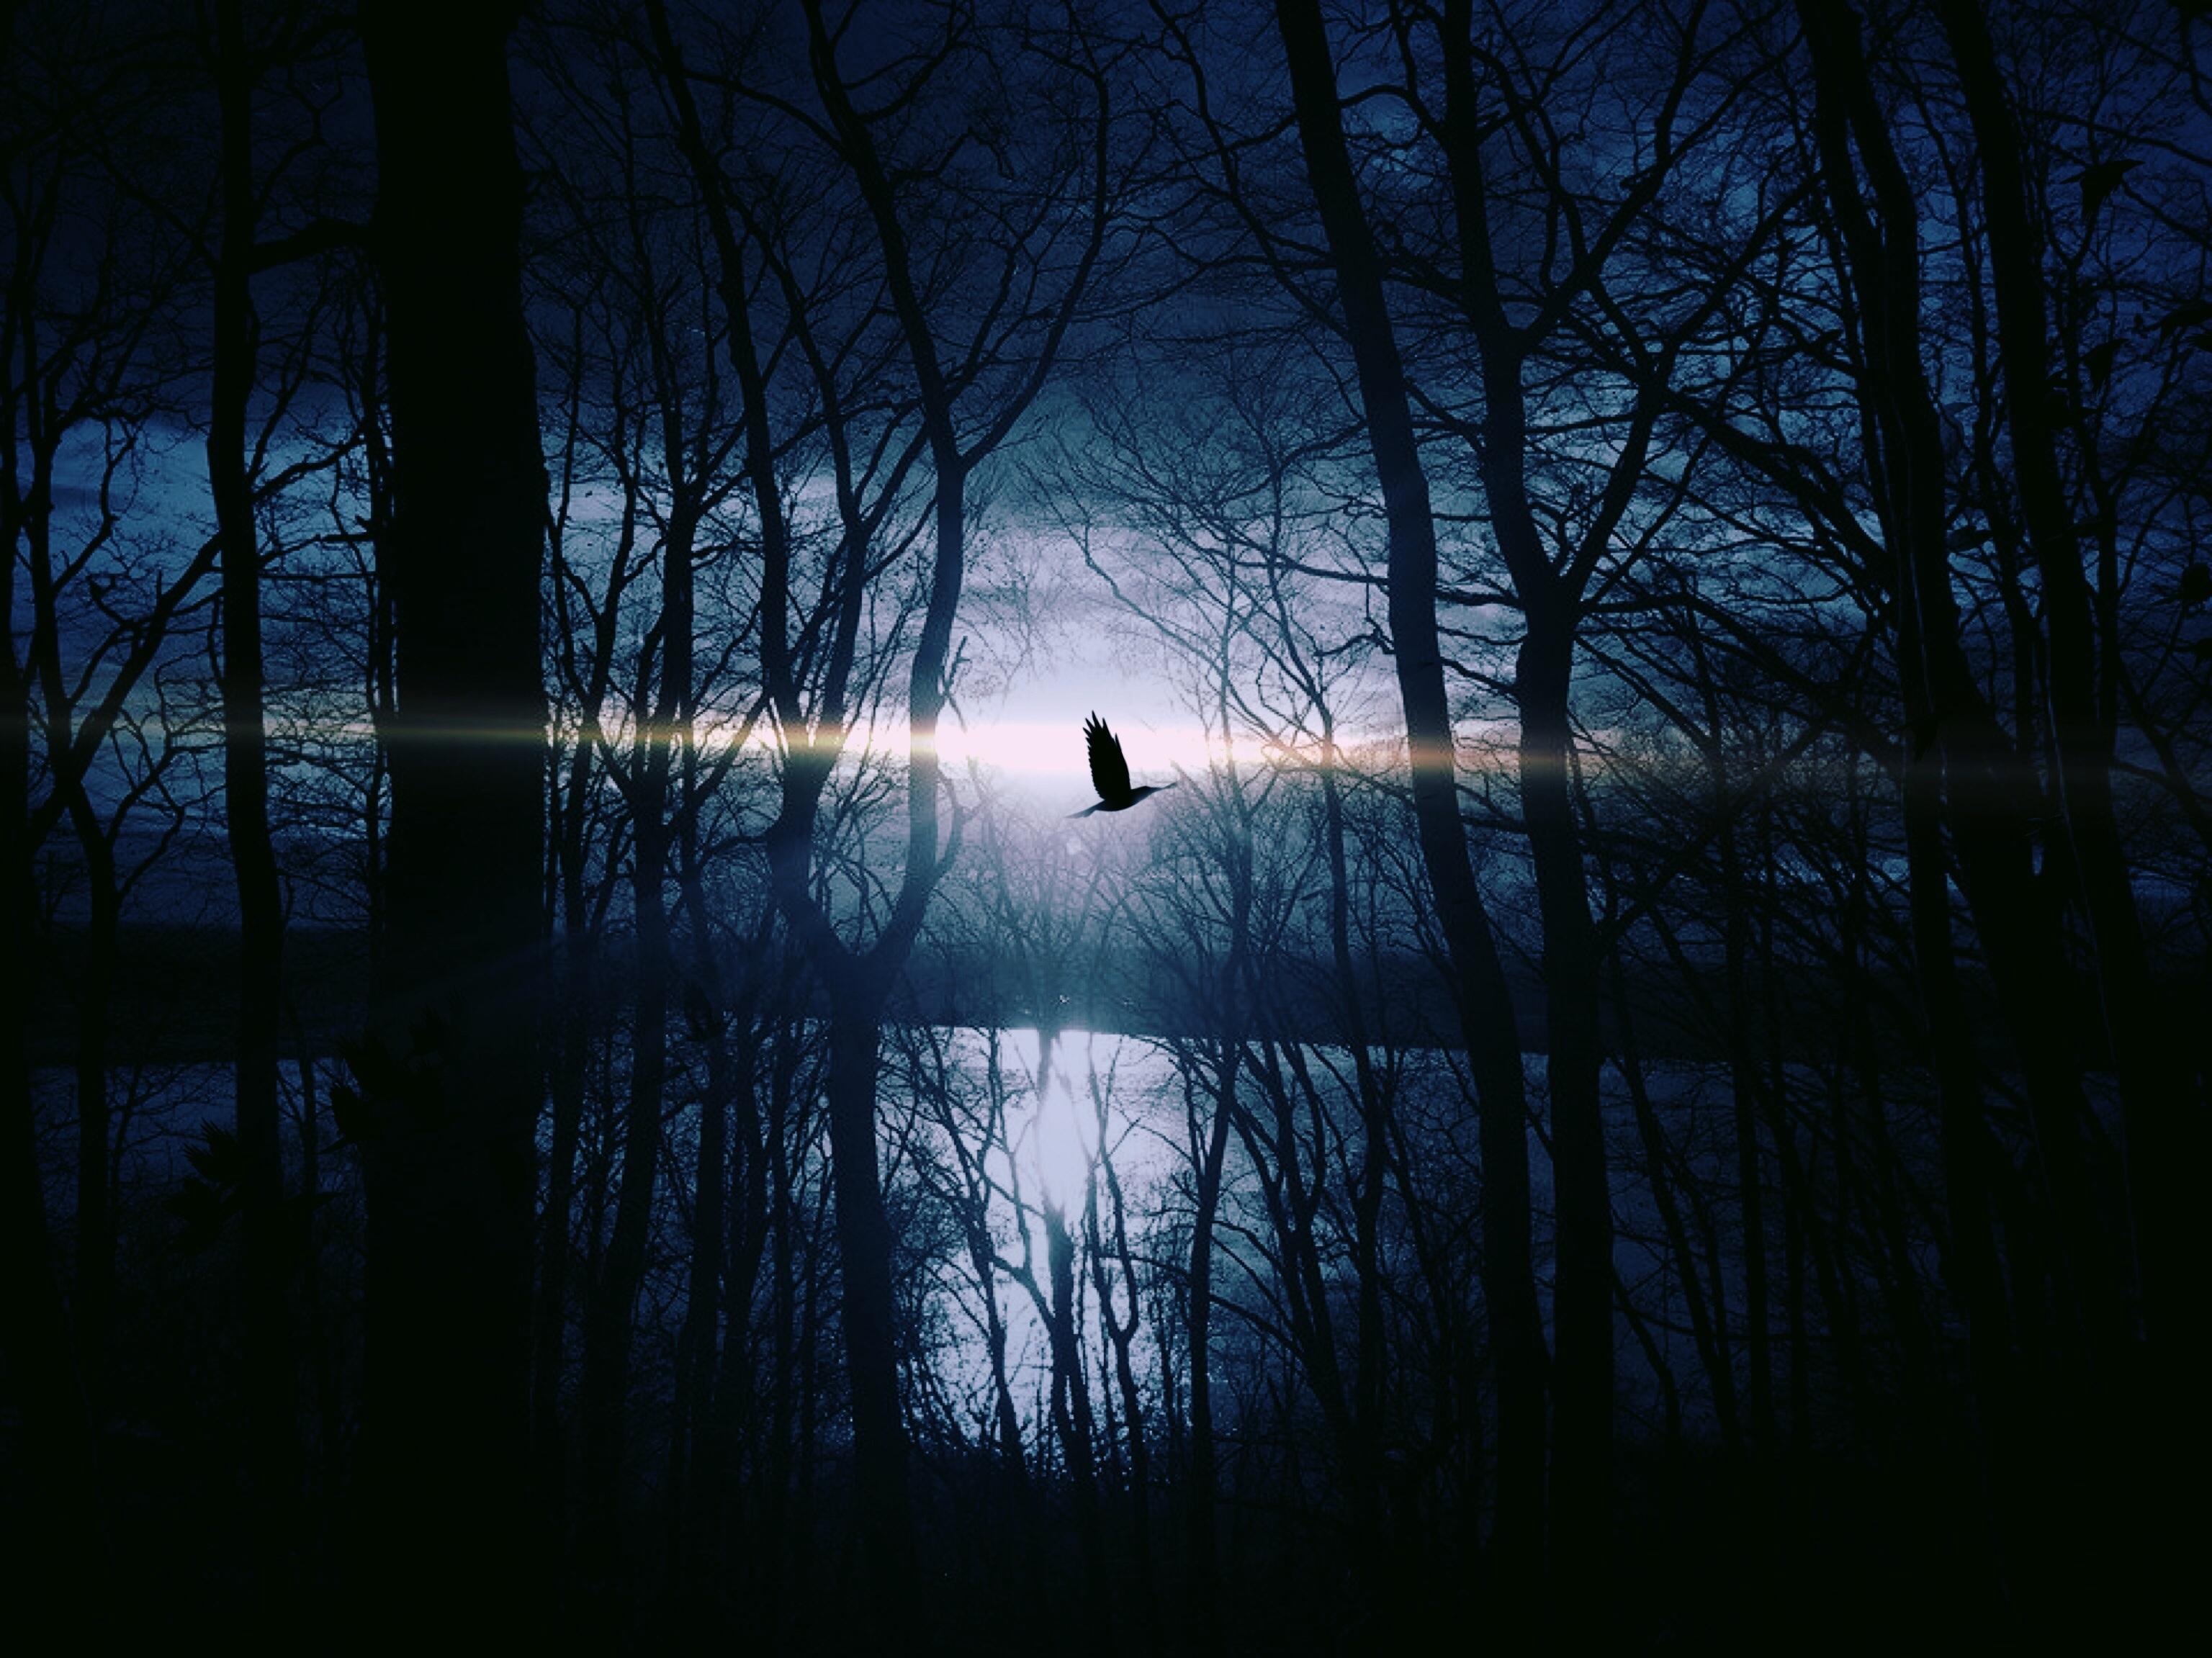 картинки птицы ночью вообще, мясо столе